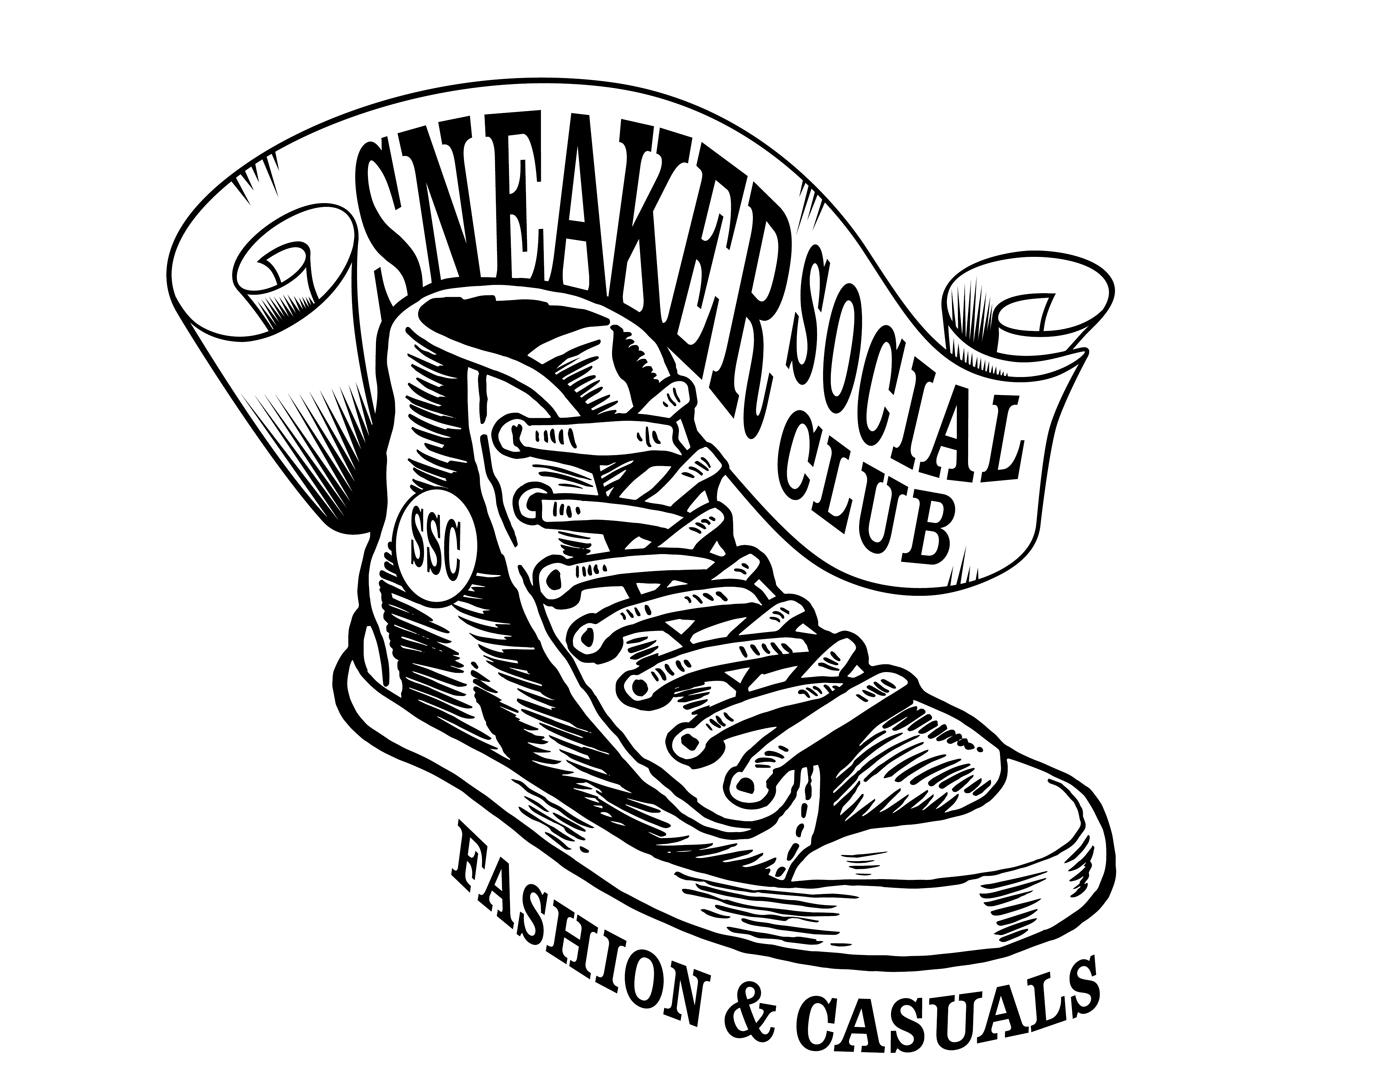 Sneaker-Social-Club-logo_zw